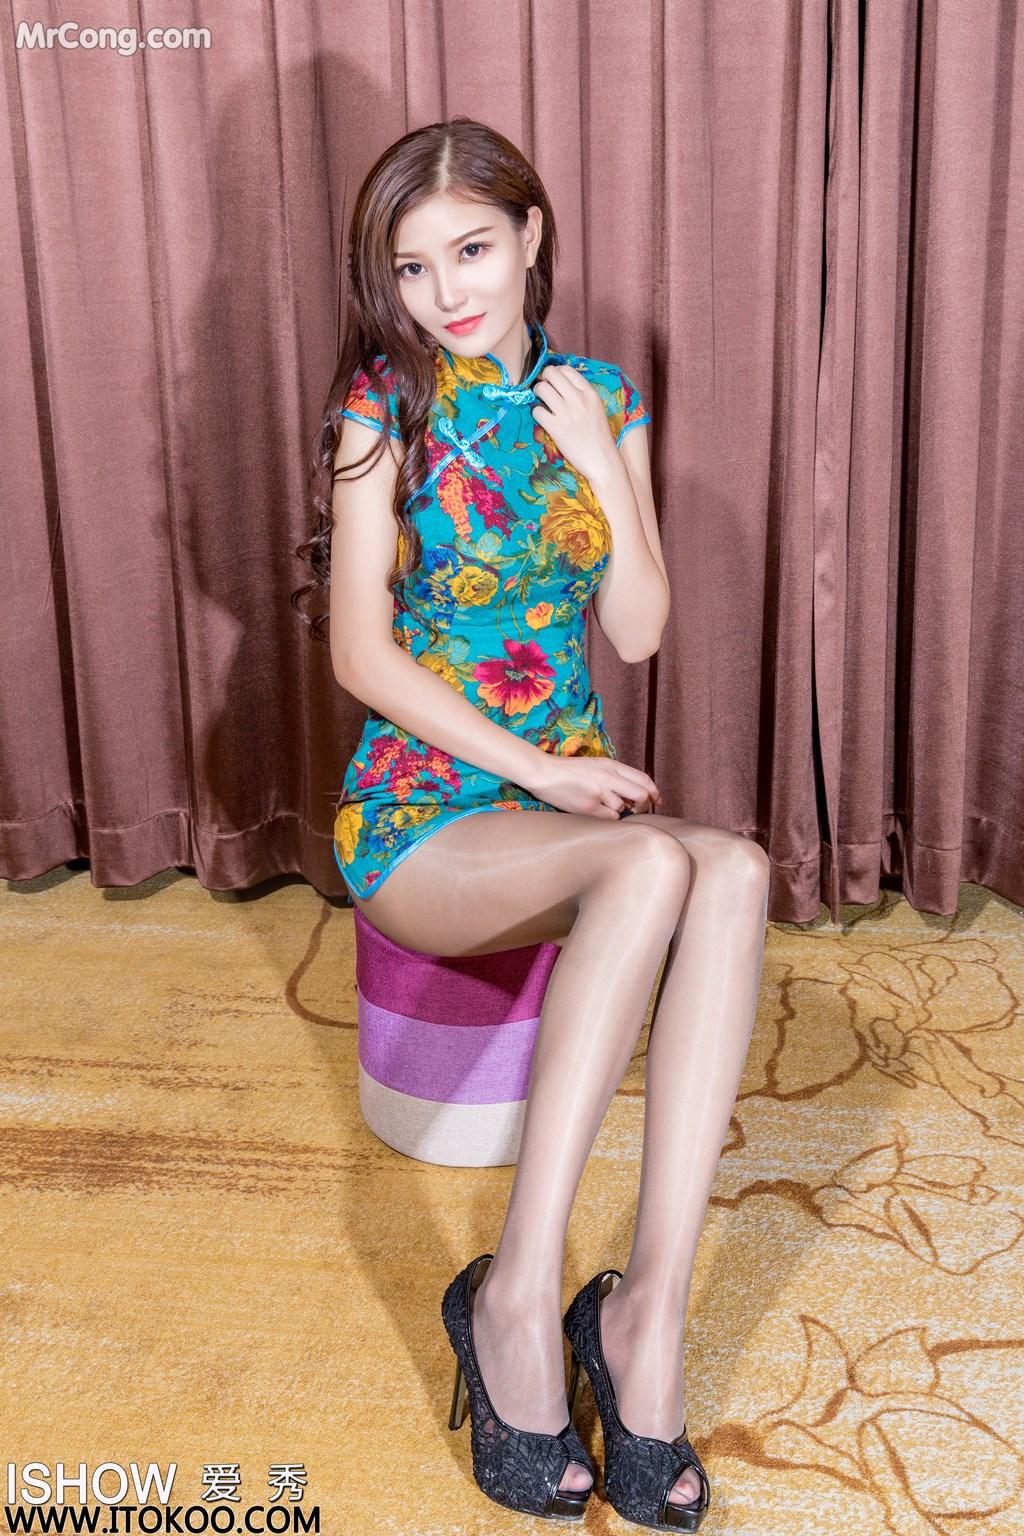 Image ISHOW-No.157-Yu-Fei-Fei-Faye-MrCong.com-010 in post ISHOW No.157: Người mẫu Yu Fei Fei (余菲菲Faye) (31 ảnh)